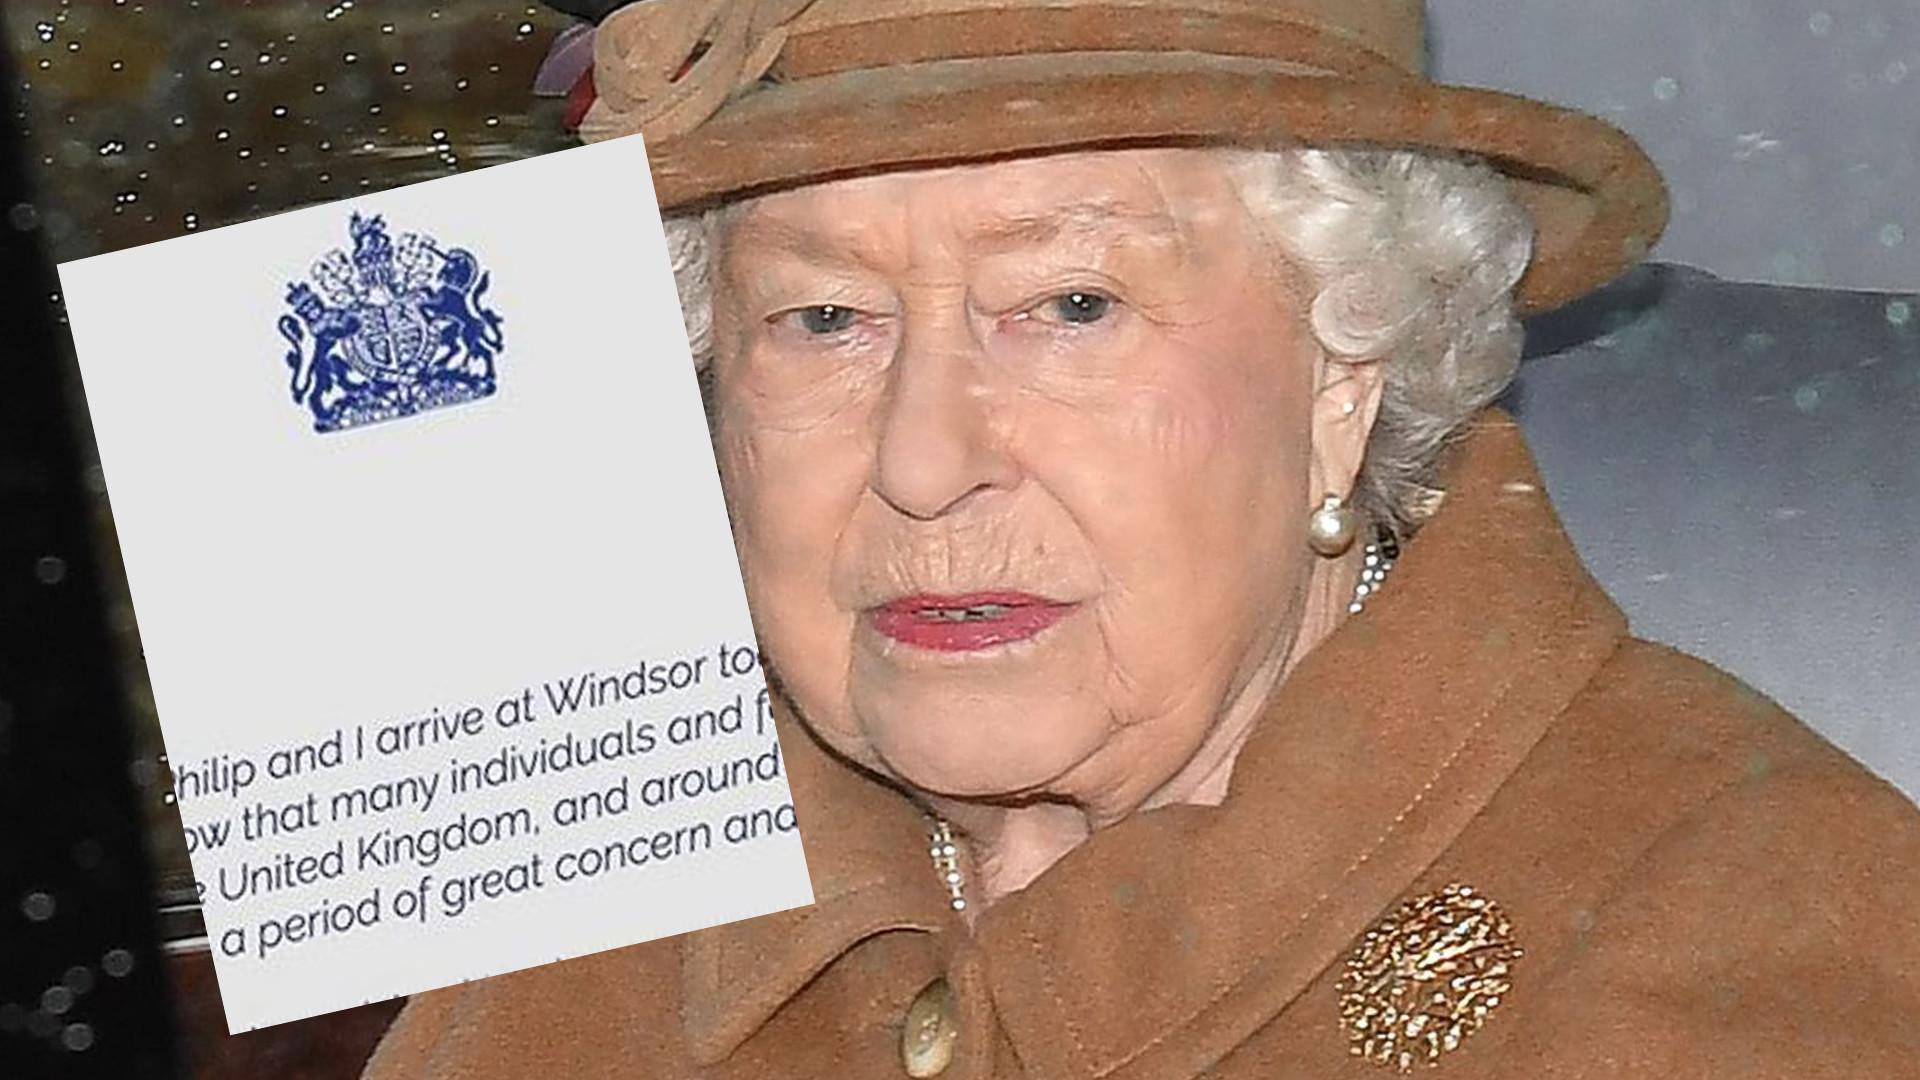 Królowa Elżbieta wydała BARDZO WAŻNE oświadczenie